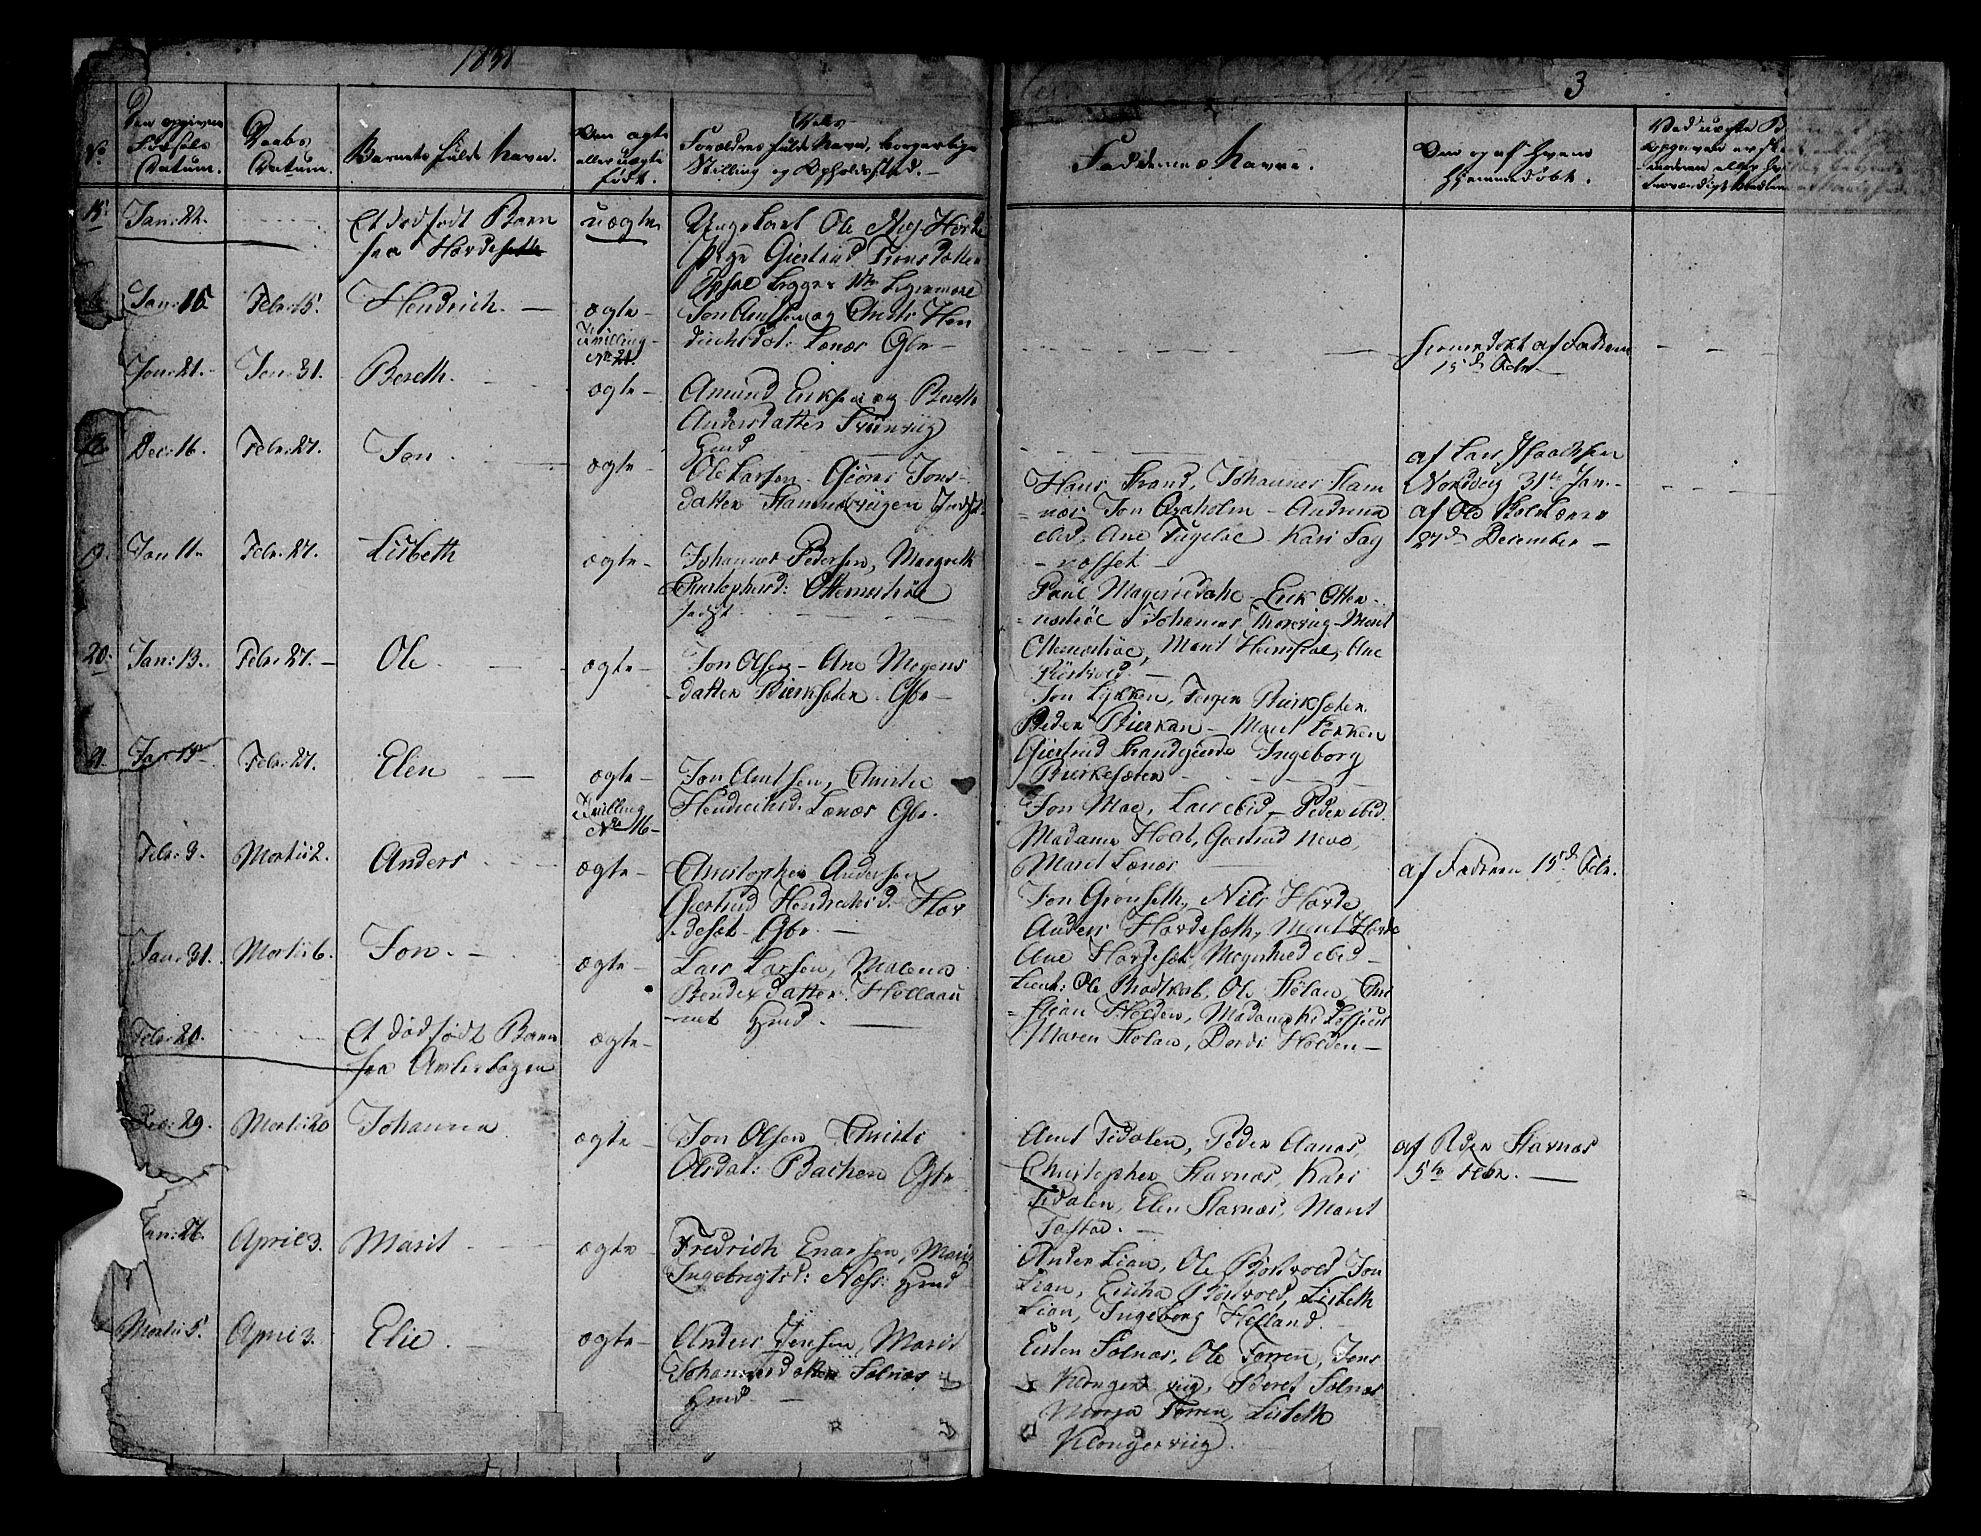 SAT, Ministerialprotokoller, klokkerbøker og fødselsregistre - Sør-Trøndelag, 630/L0492: Ministerialbok nr. 630A05, 1830-1840, s. 3